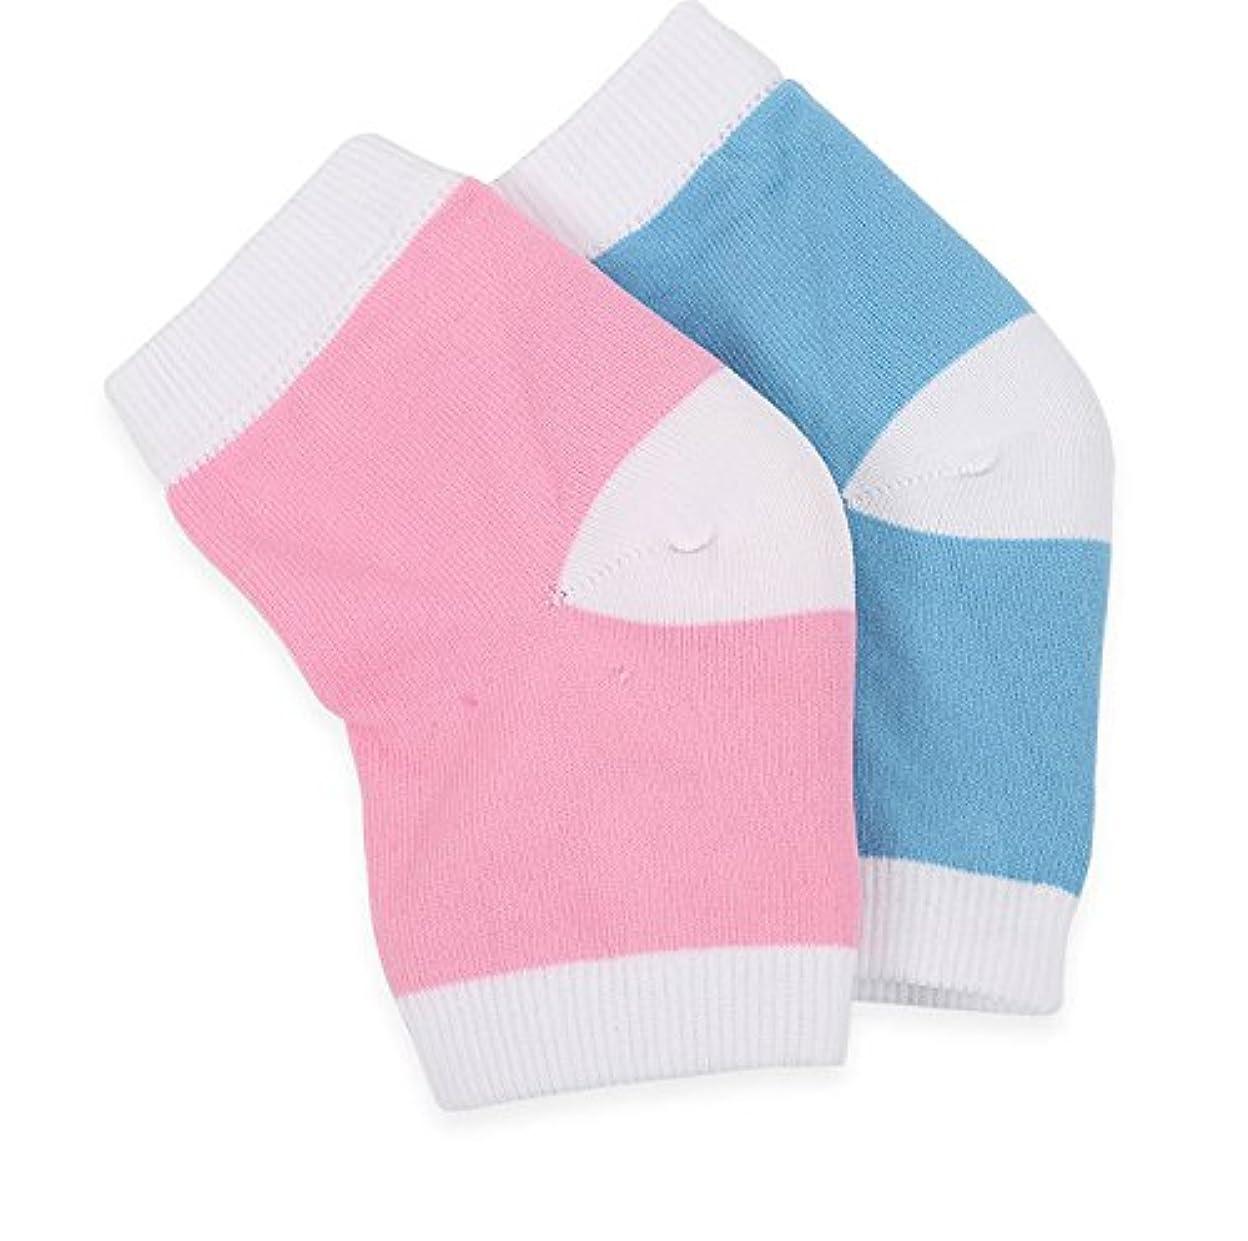 テセウスマージン多様体【Ban Ban Corp.】かかと ひび割れ つるつる 角質 保湿 ケア 靴下 ソックス (3)